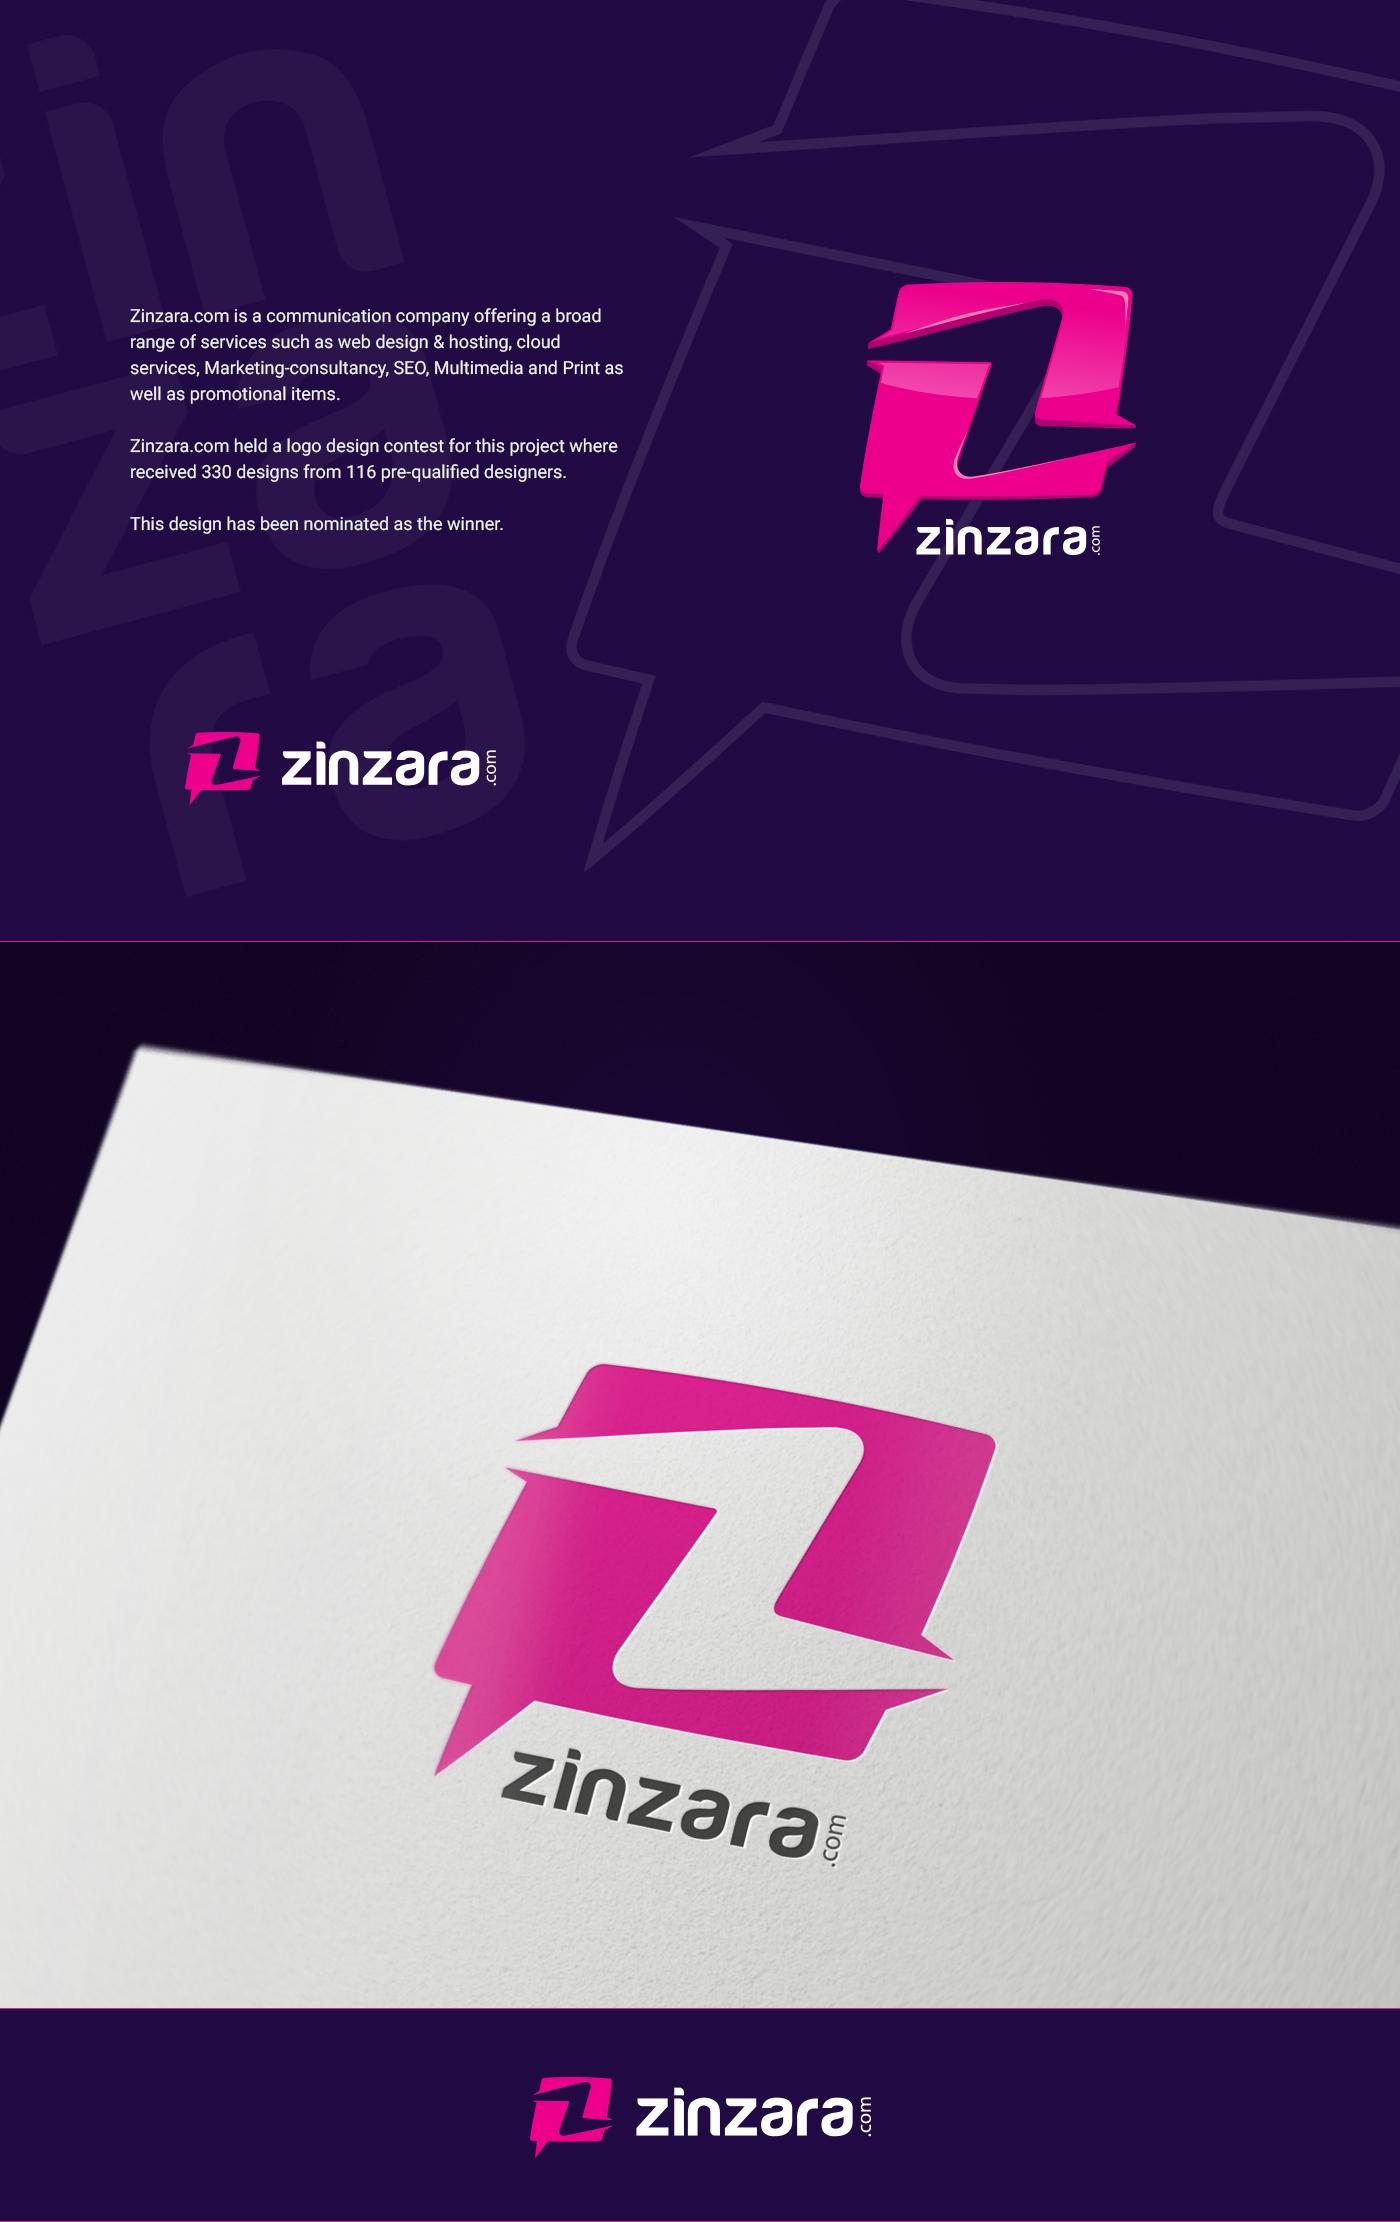 eximdesign_zinzara.jpg